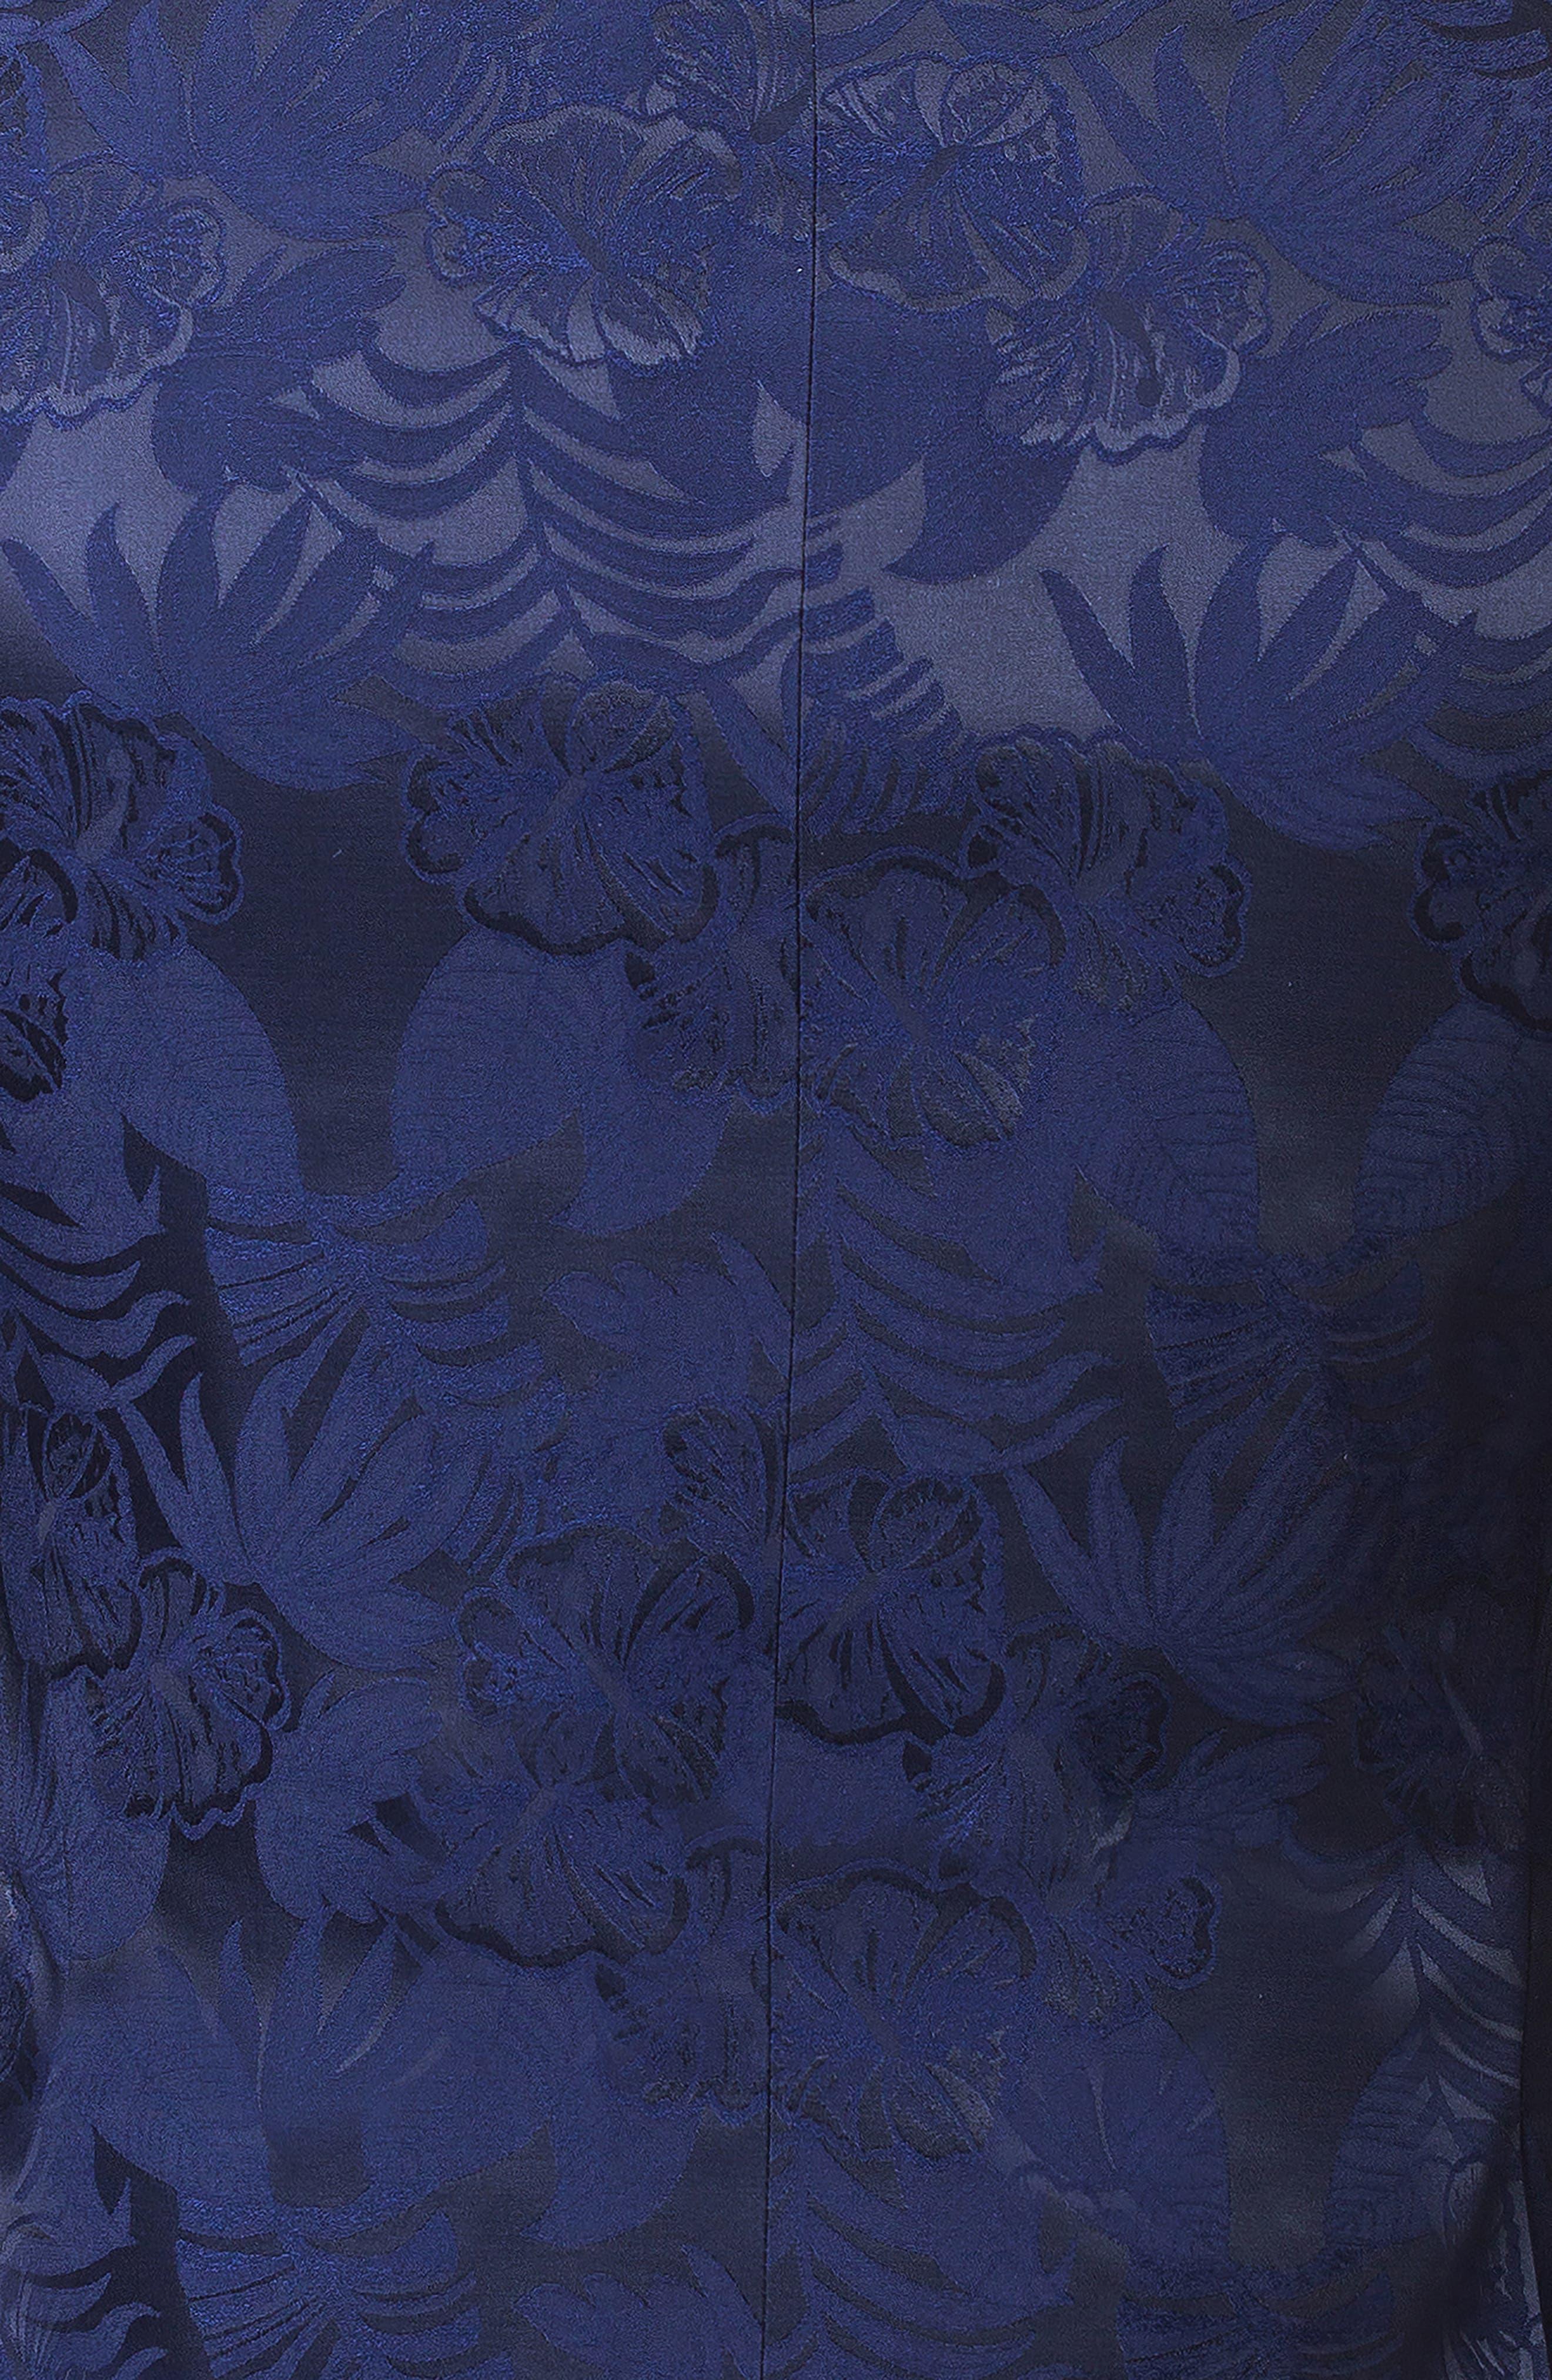 Descartes Field Blue Blazer,                             Alternate thumbnail 4, color,                             BLUE